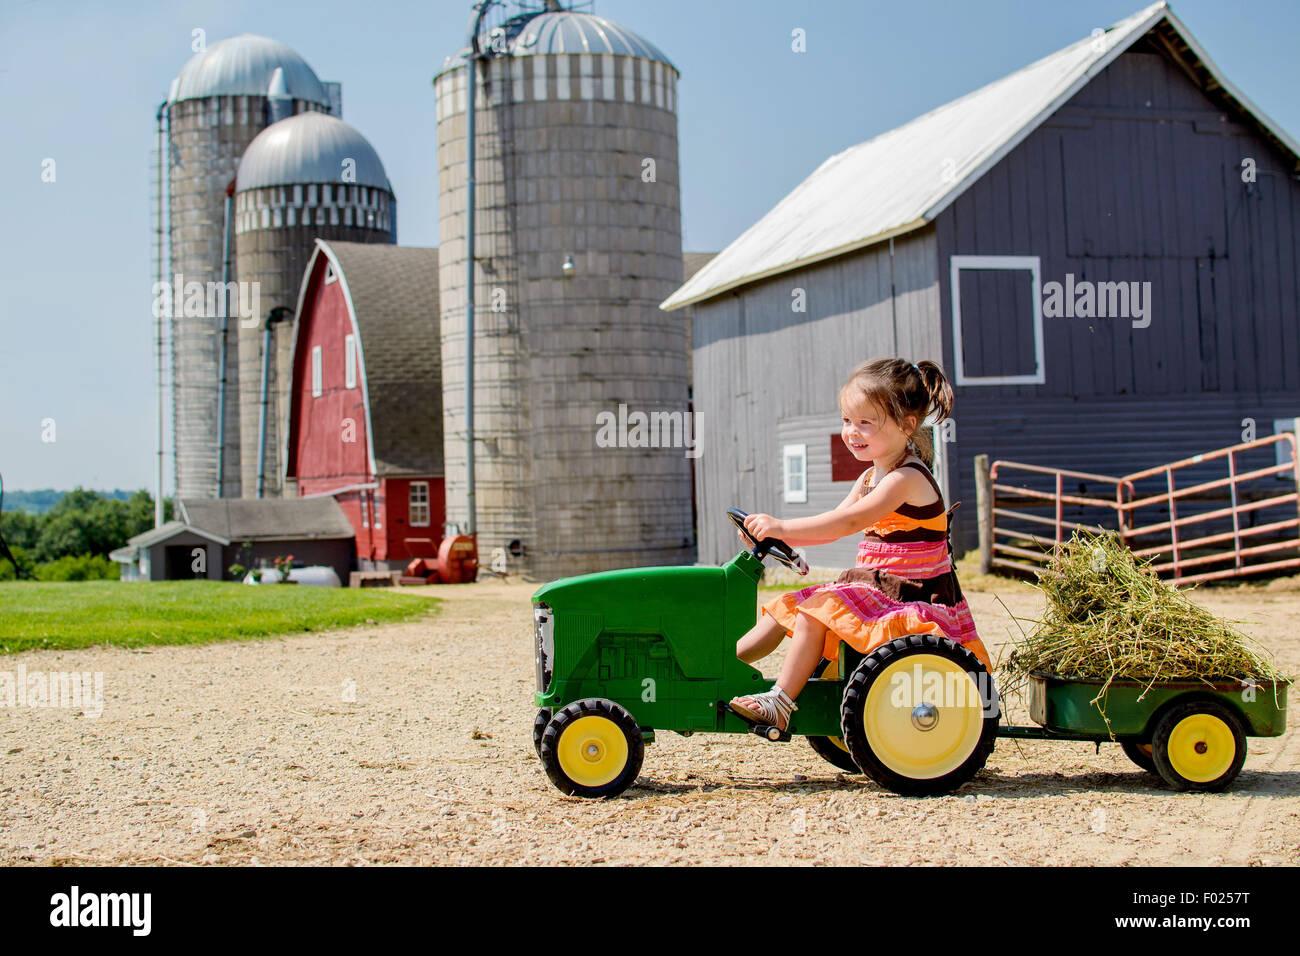 L'enseignement primaire âgés de conduire son tracteur jouet de fille Photo Stock